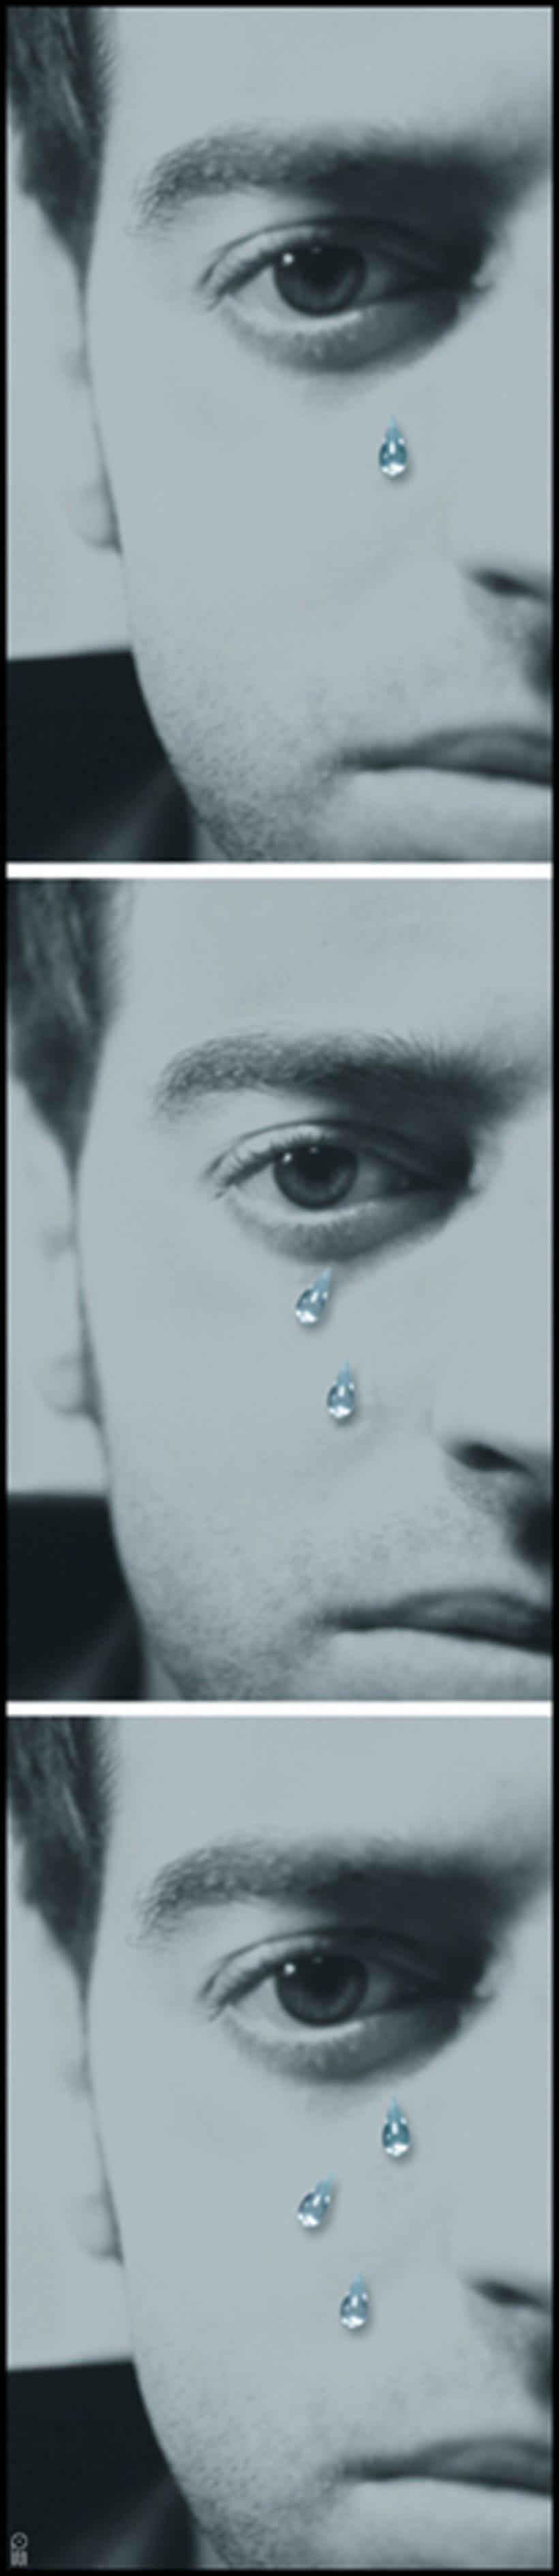 lágrimas - Tears 2